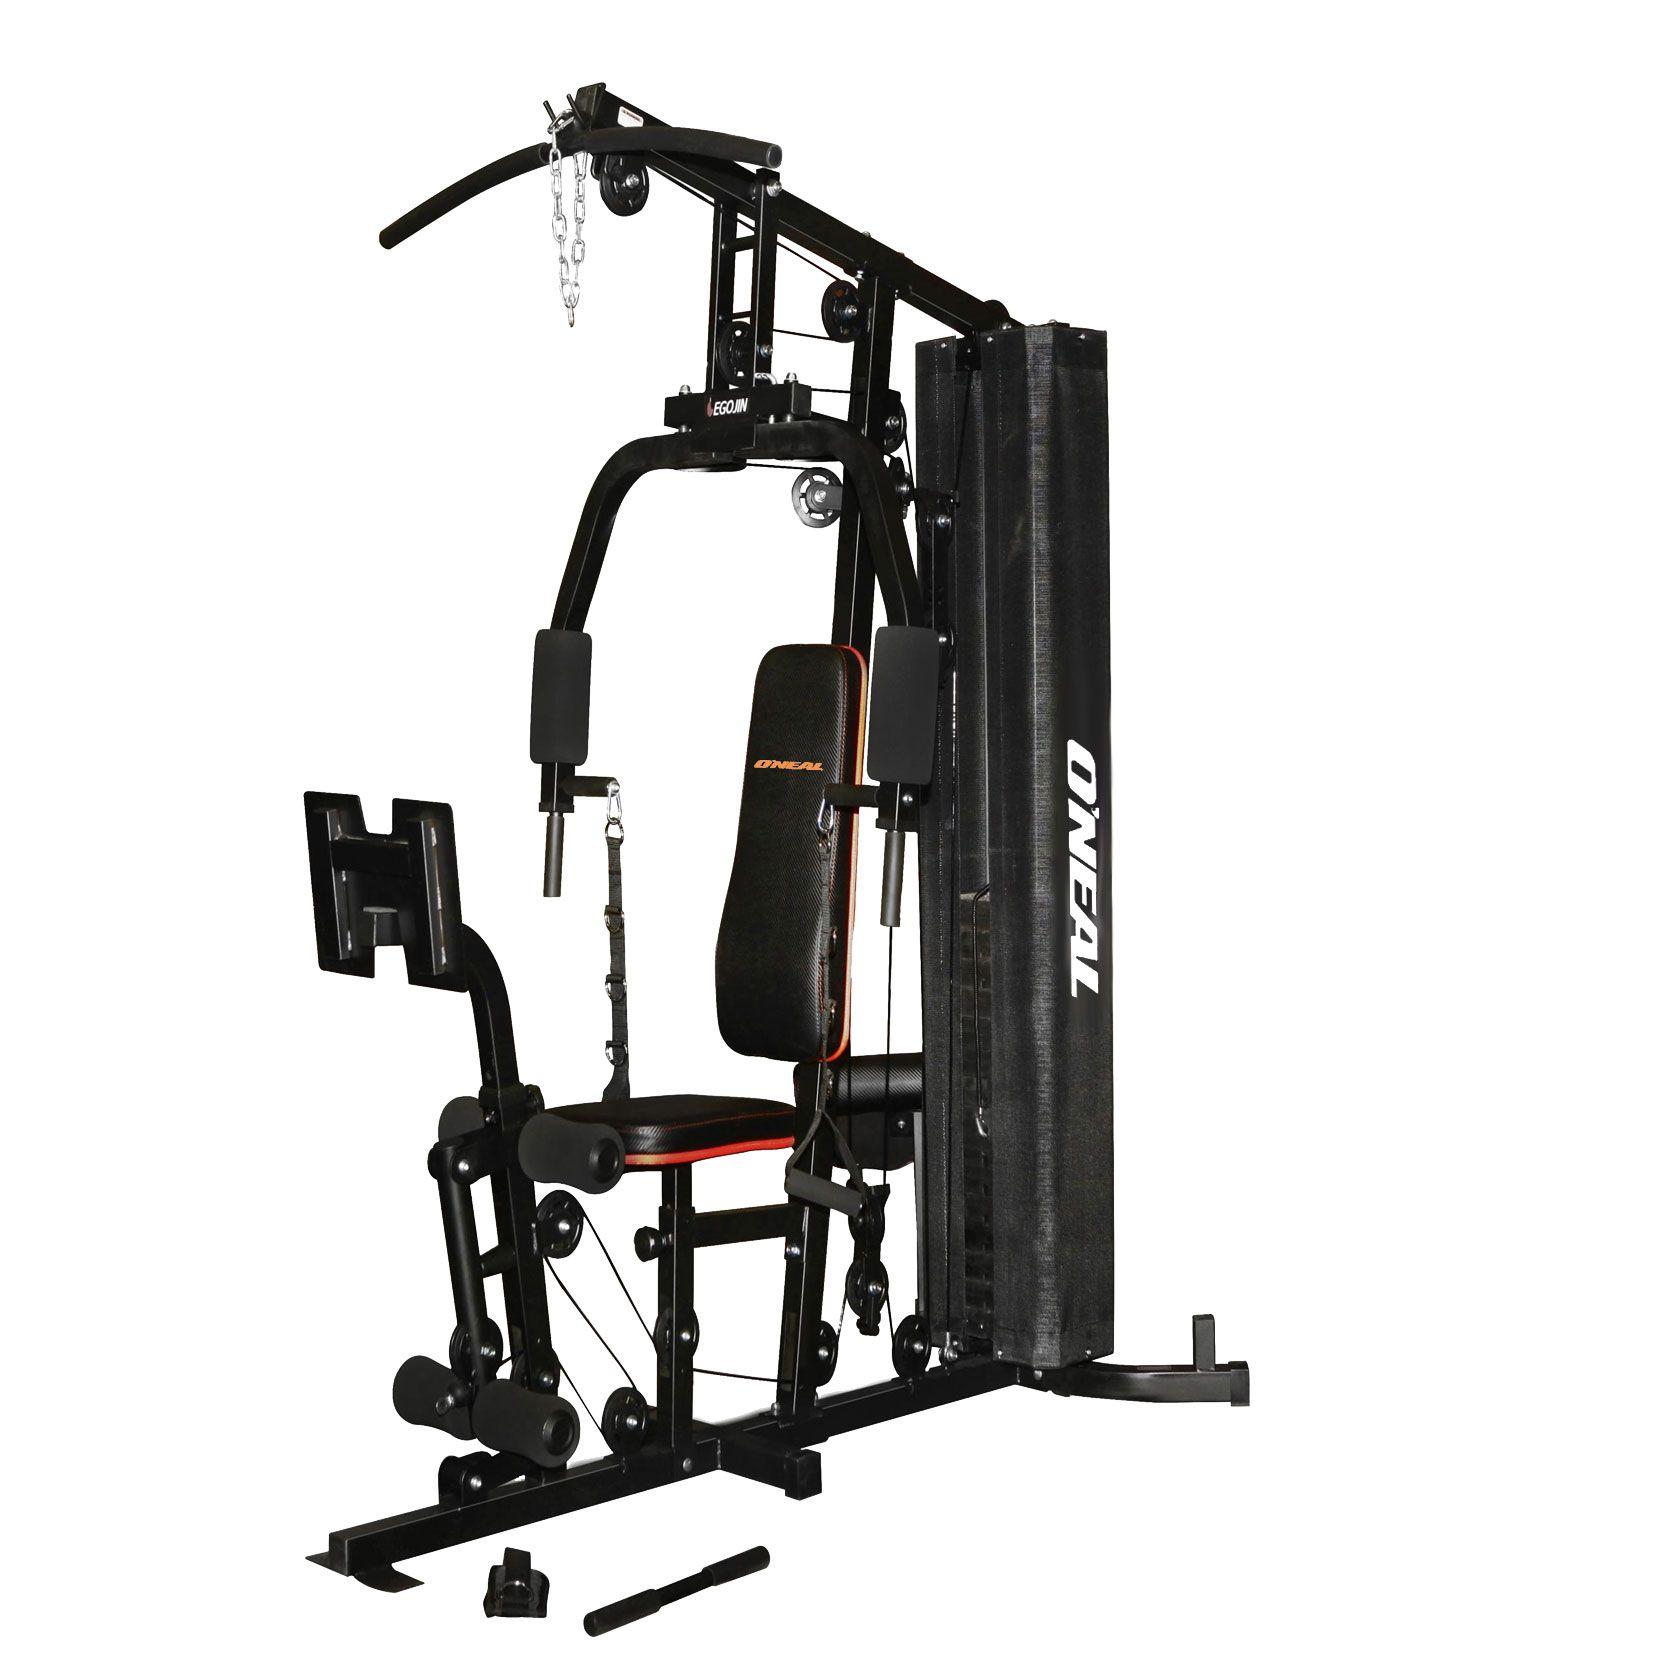 Estação de Musculação O'Neal BF005